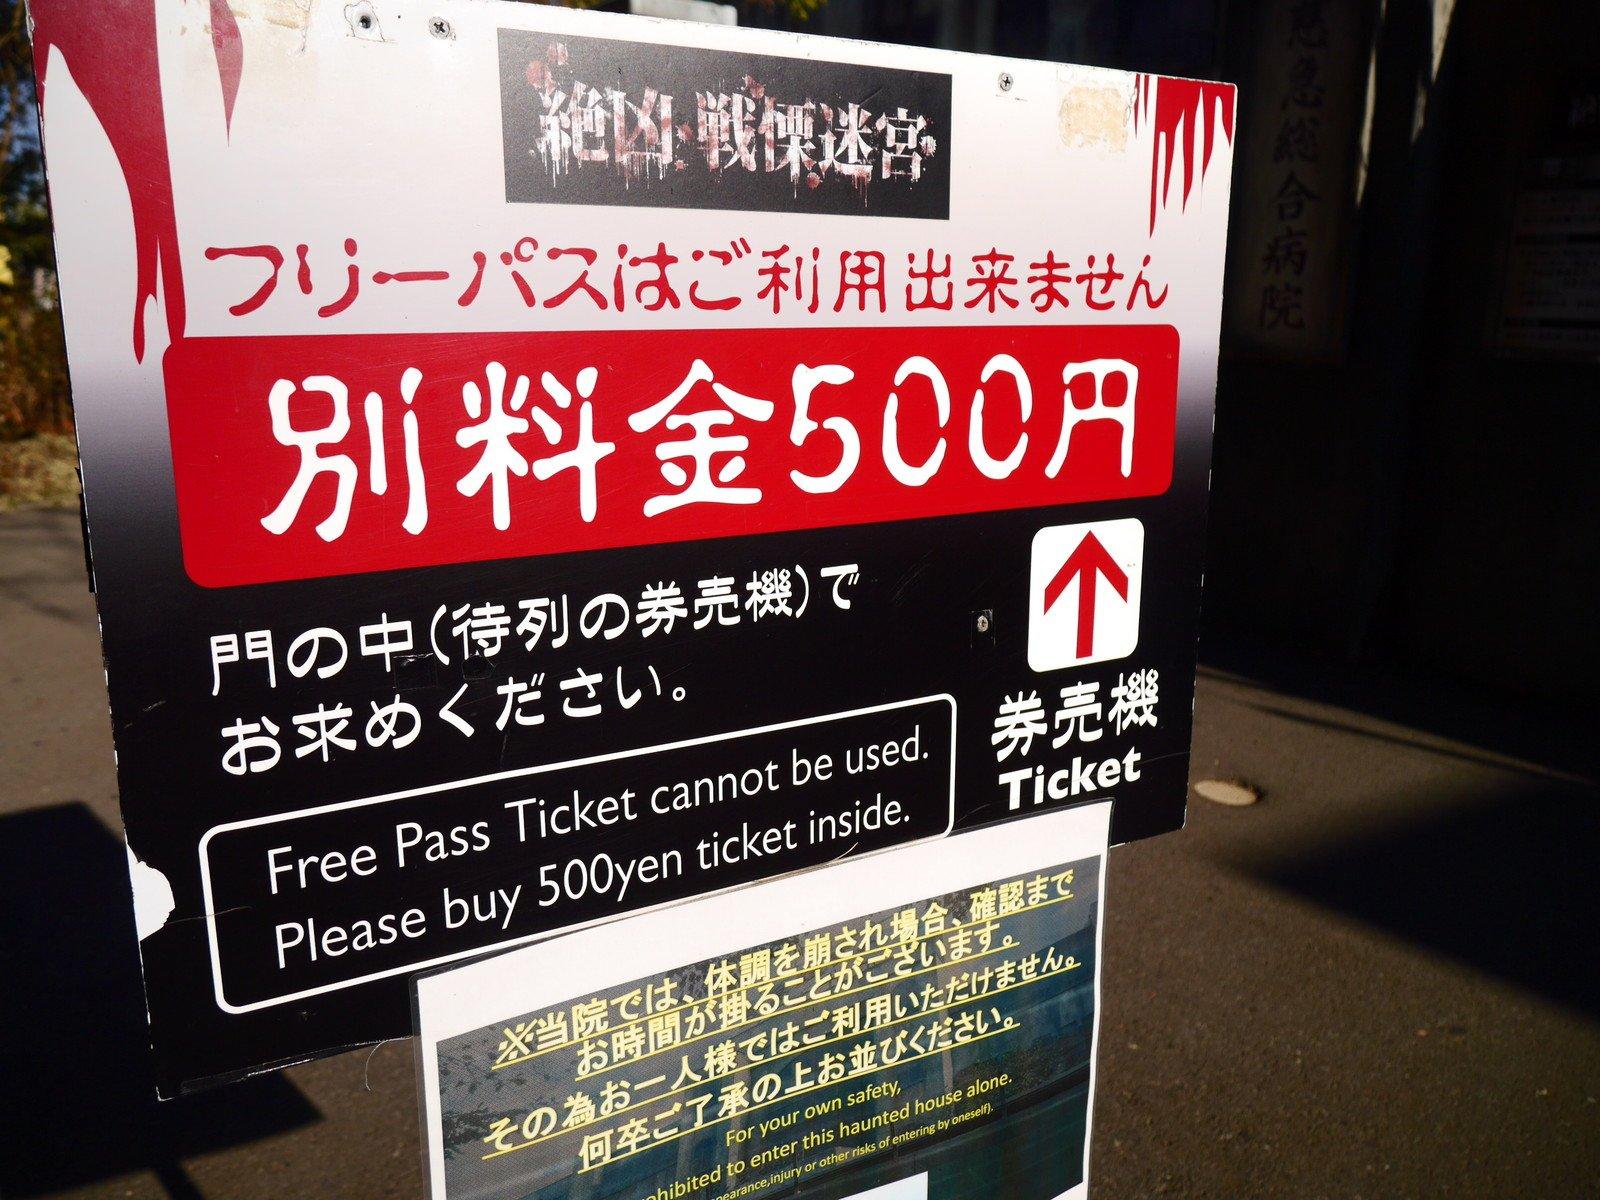 Image result for 富士急ランドのお化け屋敷 別途チケット